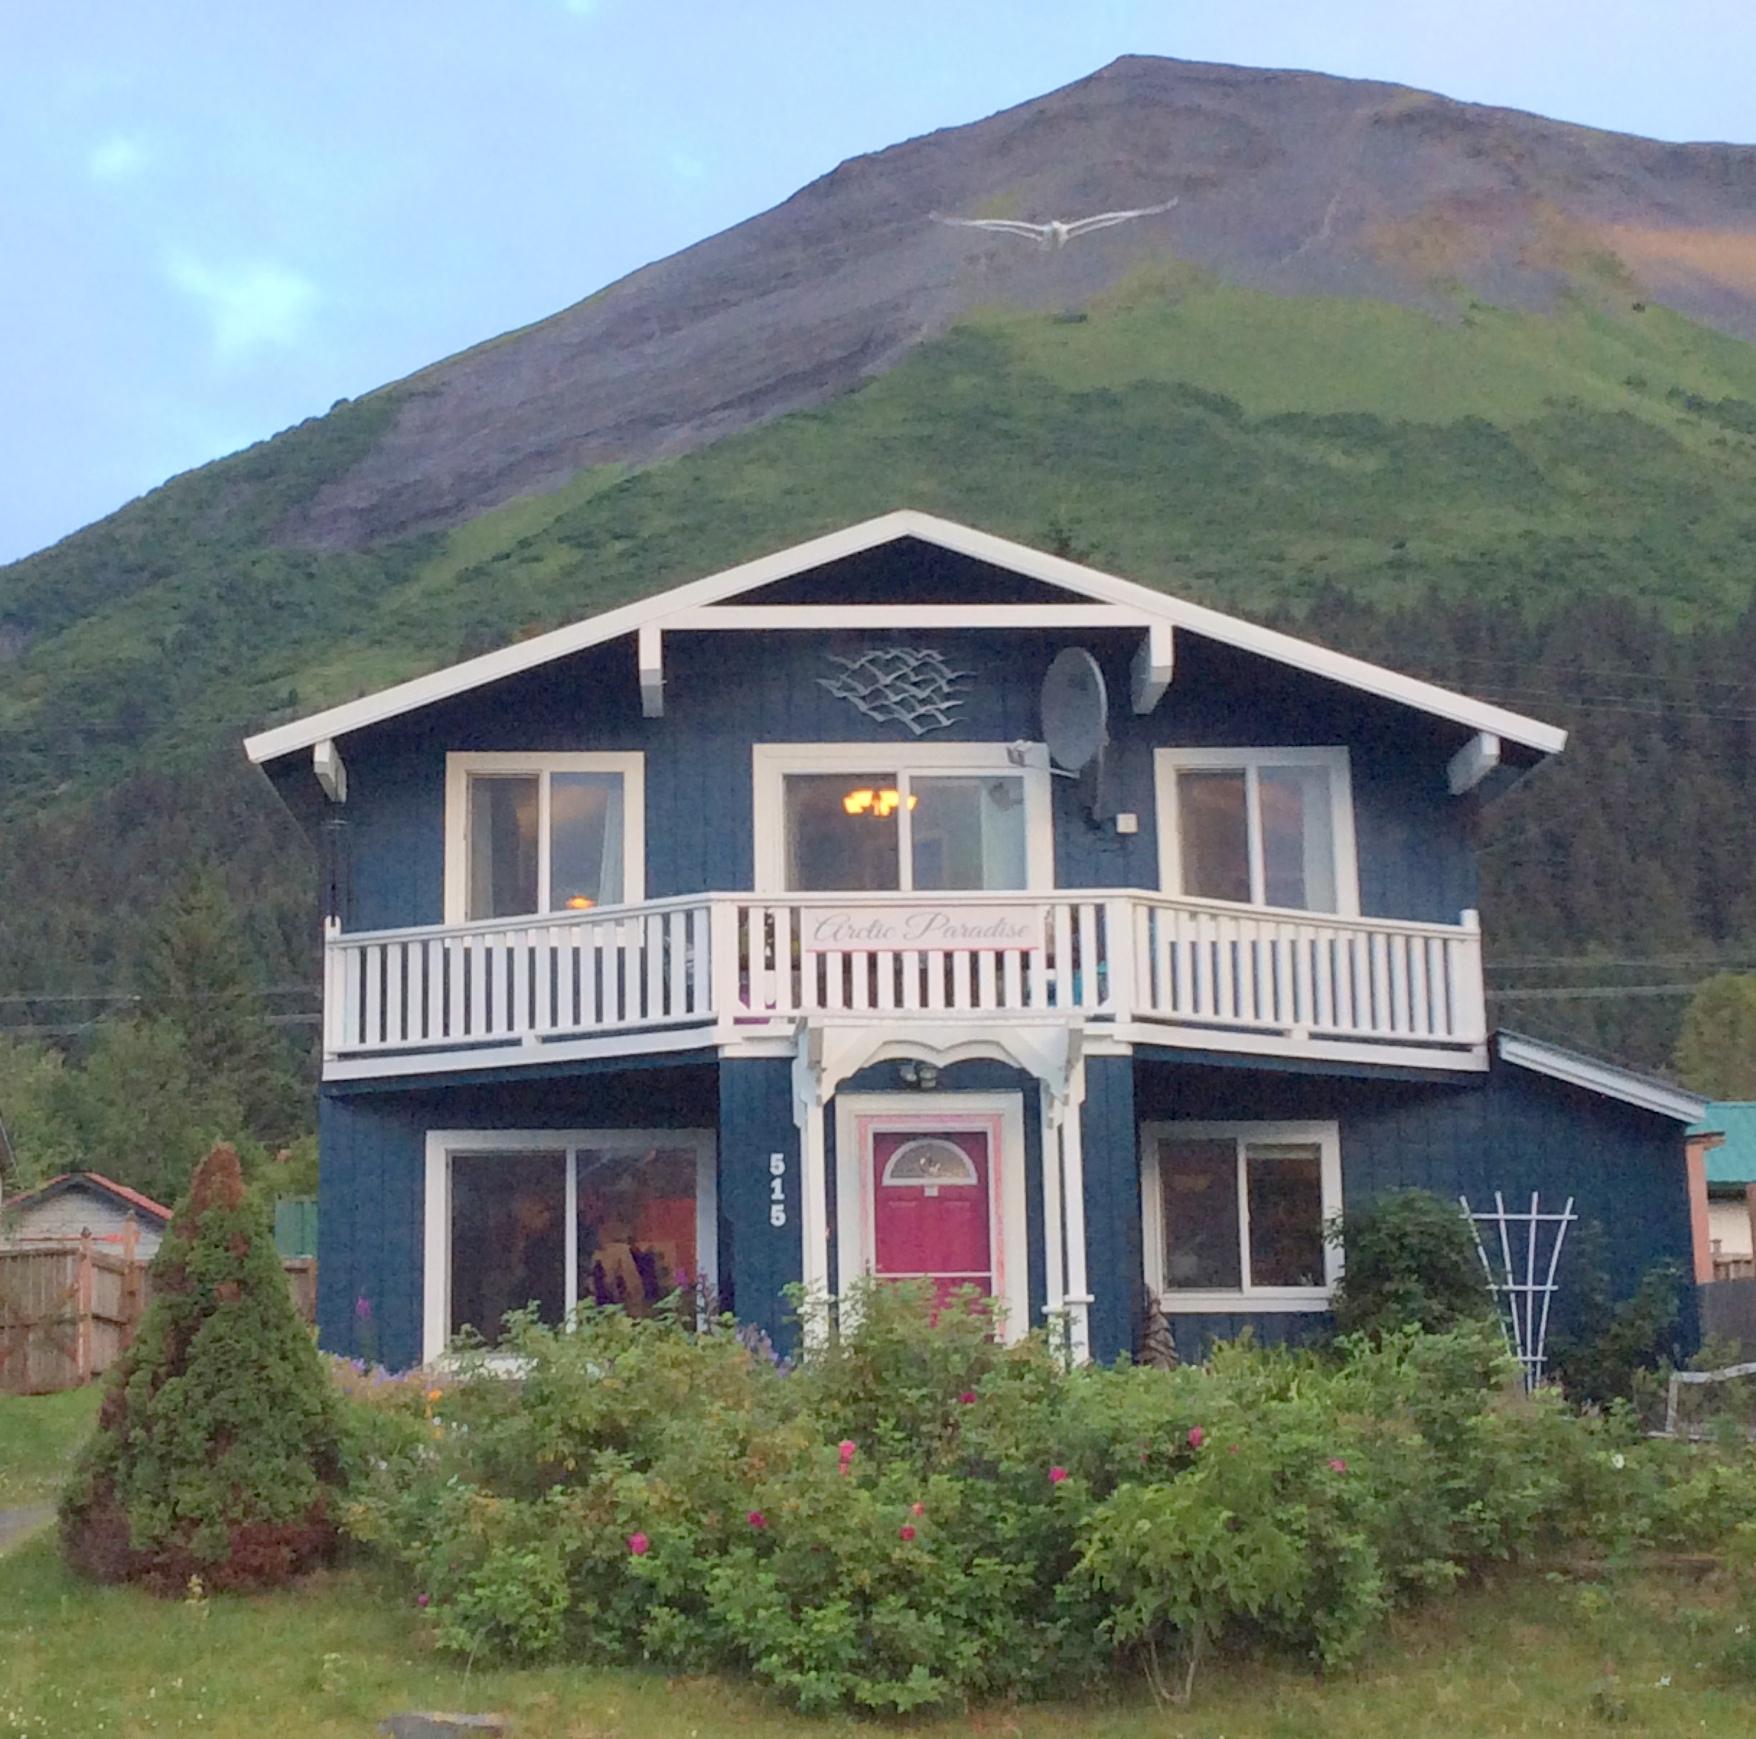 Arctic Paradise B&B, Seward AK